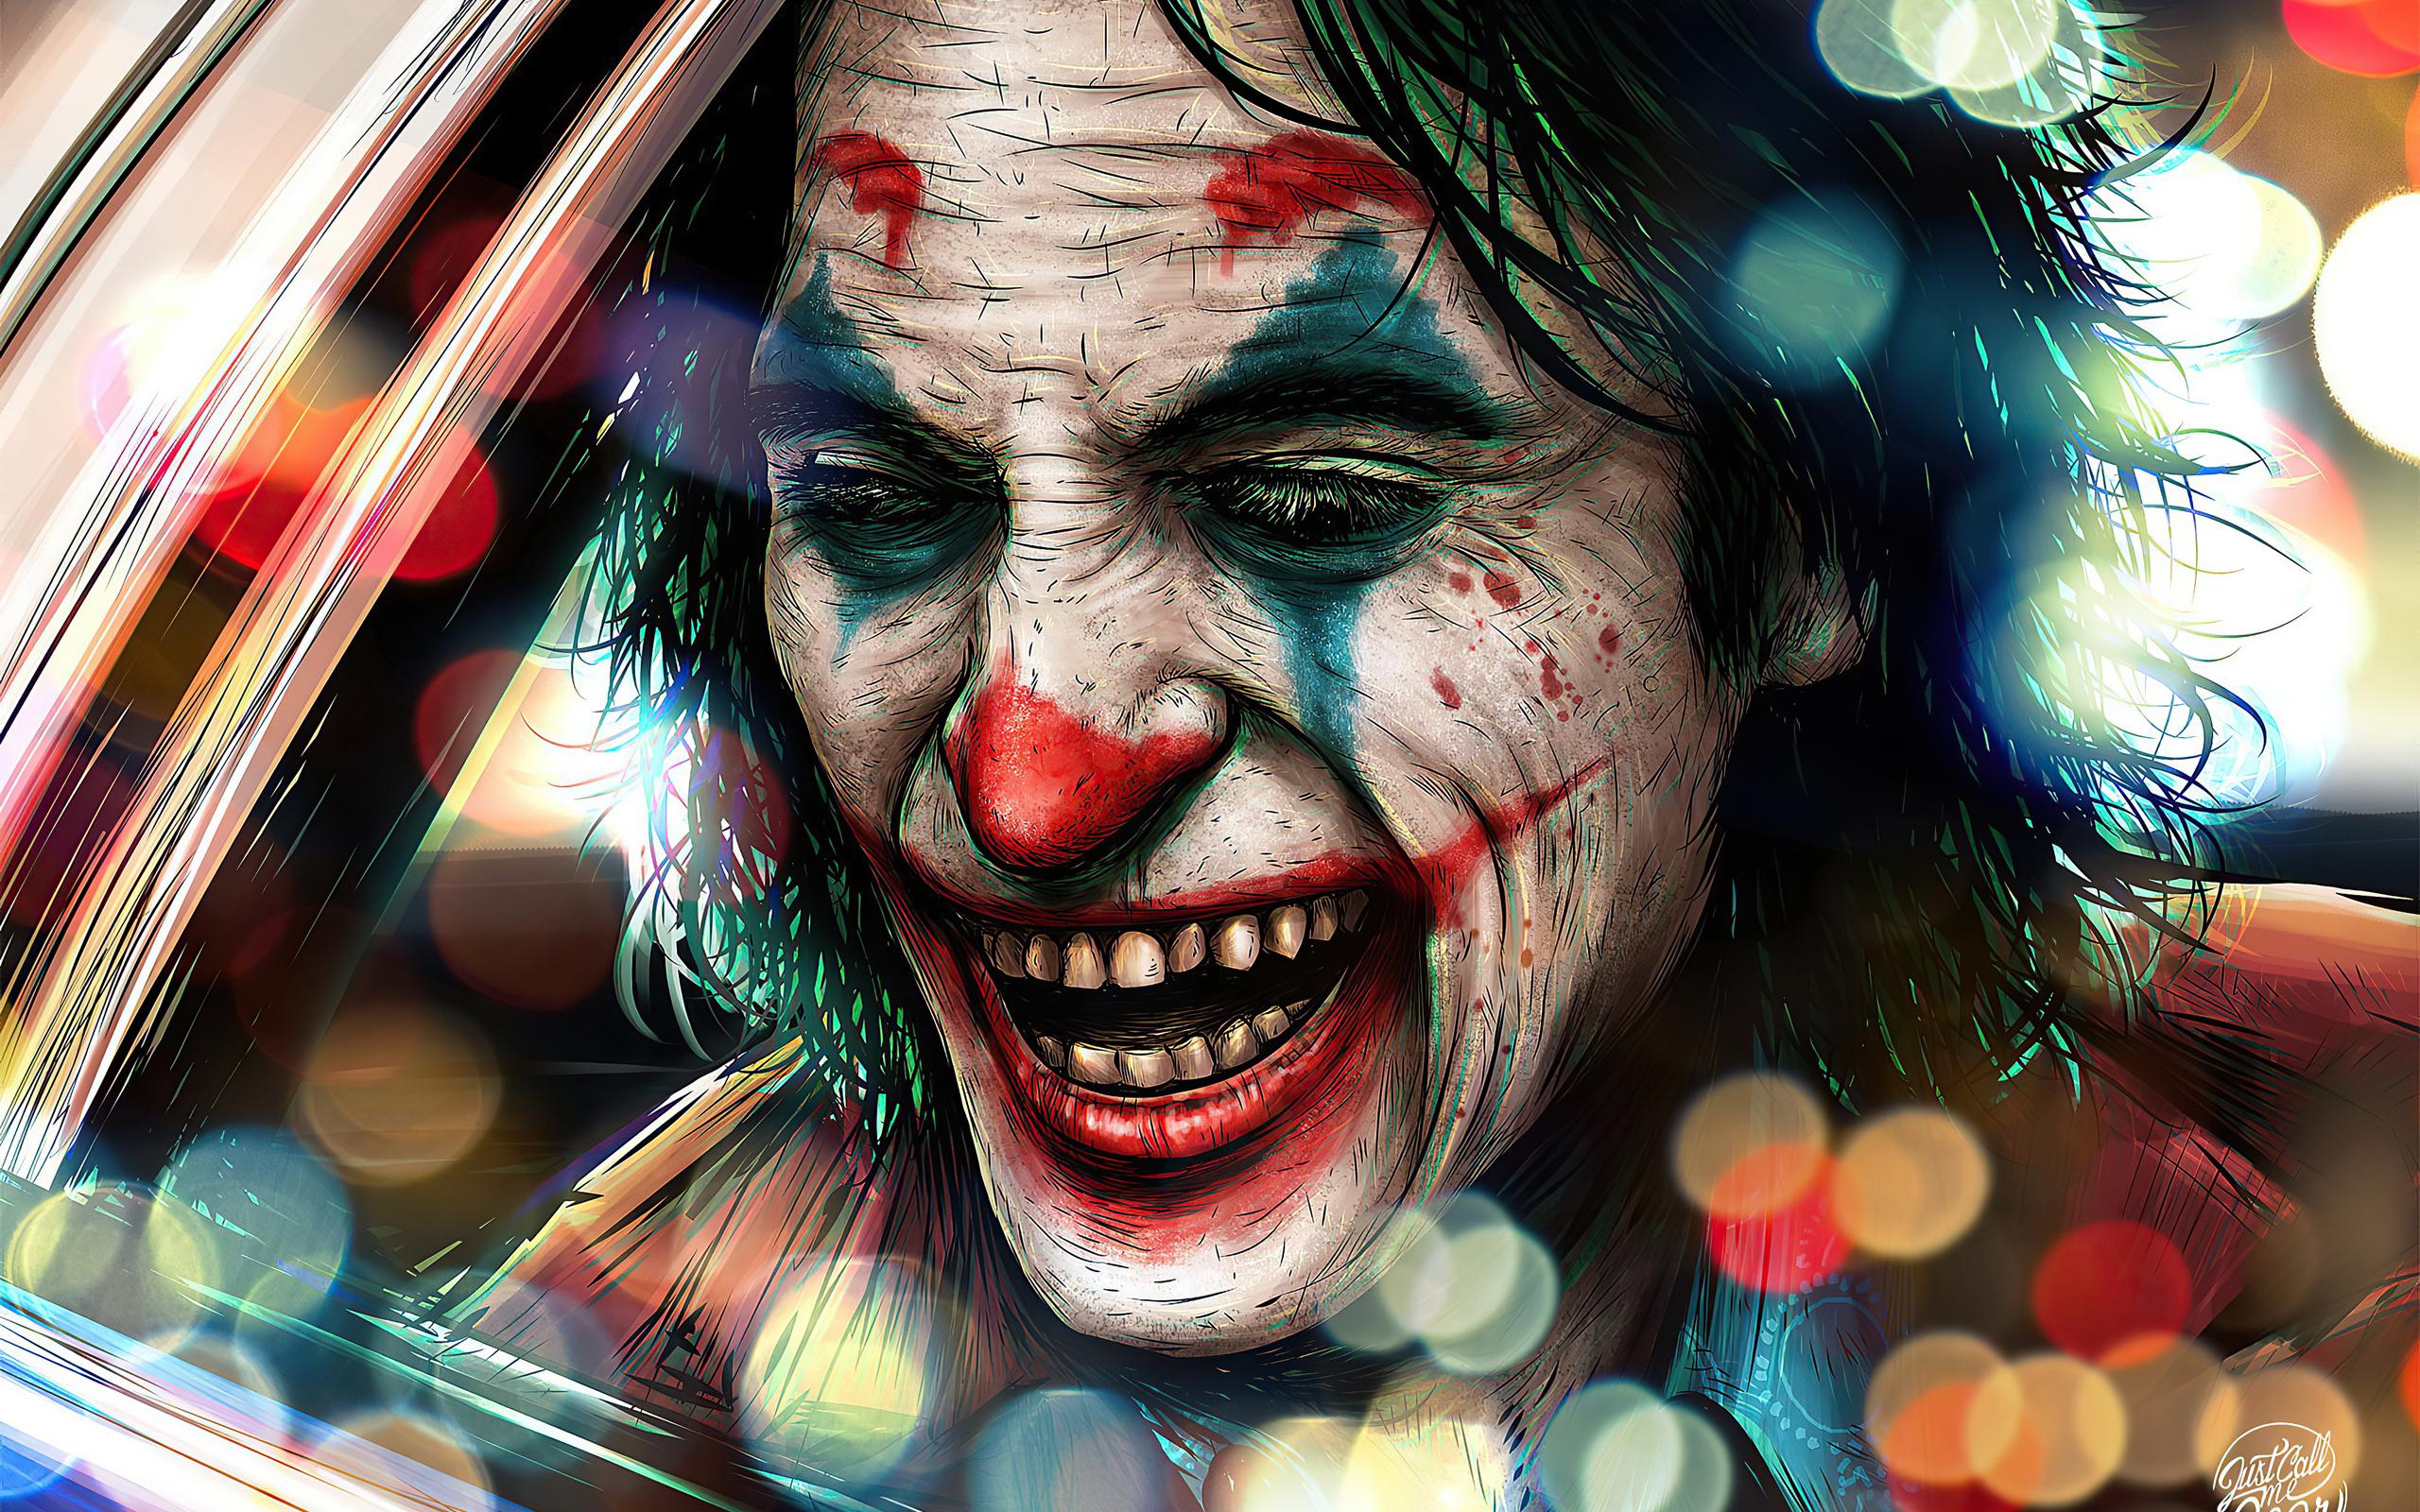 2020-joker-smile-4k-um.jpg